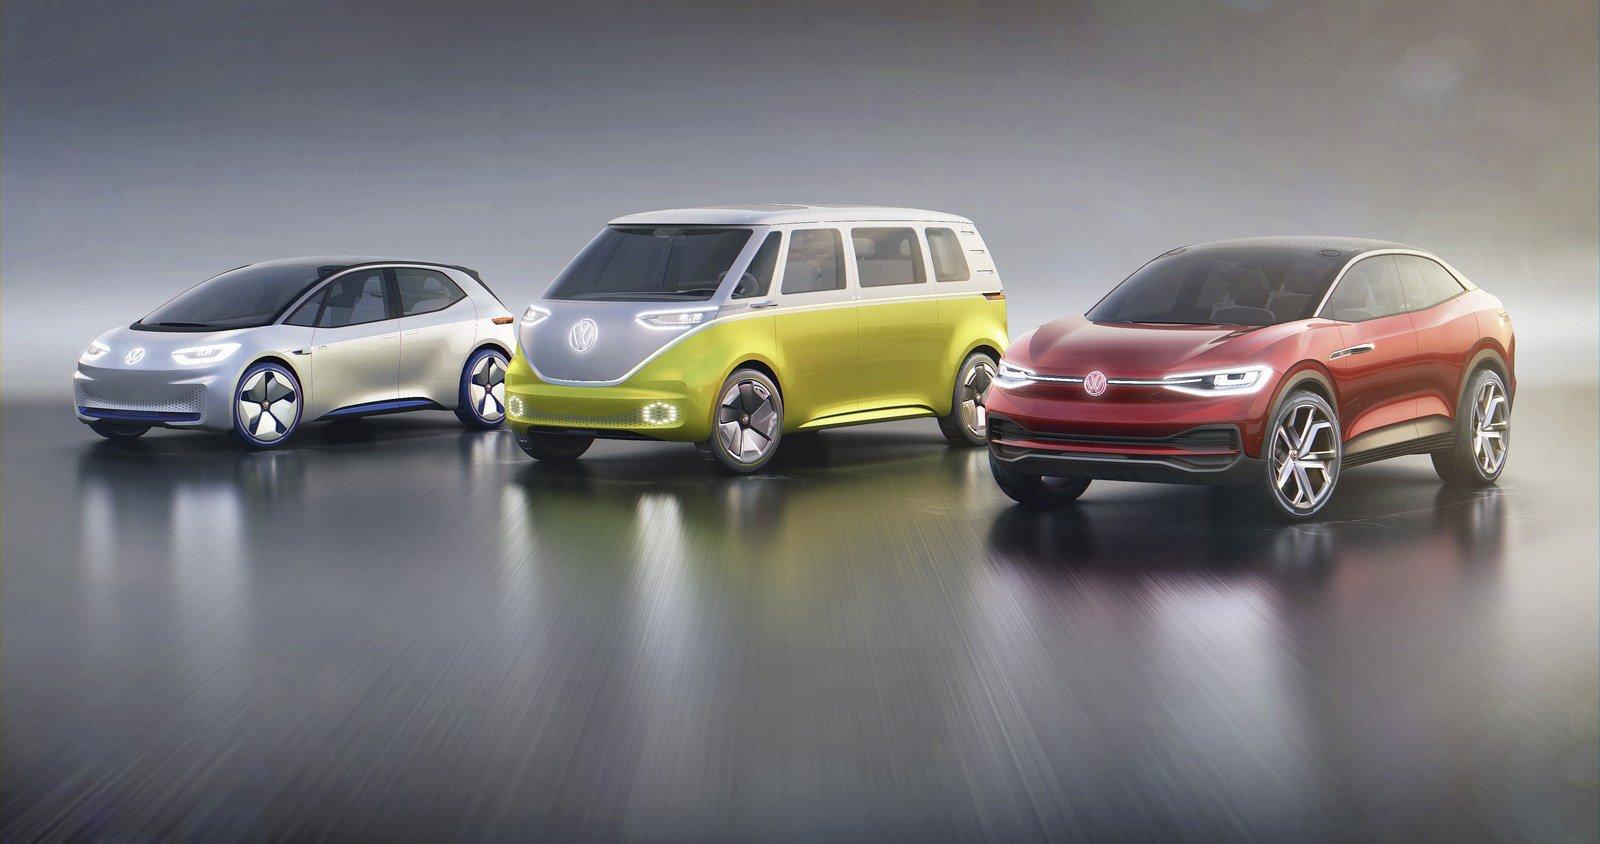 برنامه شرکت فولکس واگن برای خداحافظی از موتورهای احتراق داخلی